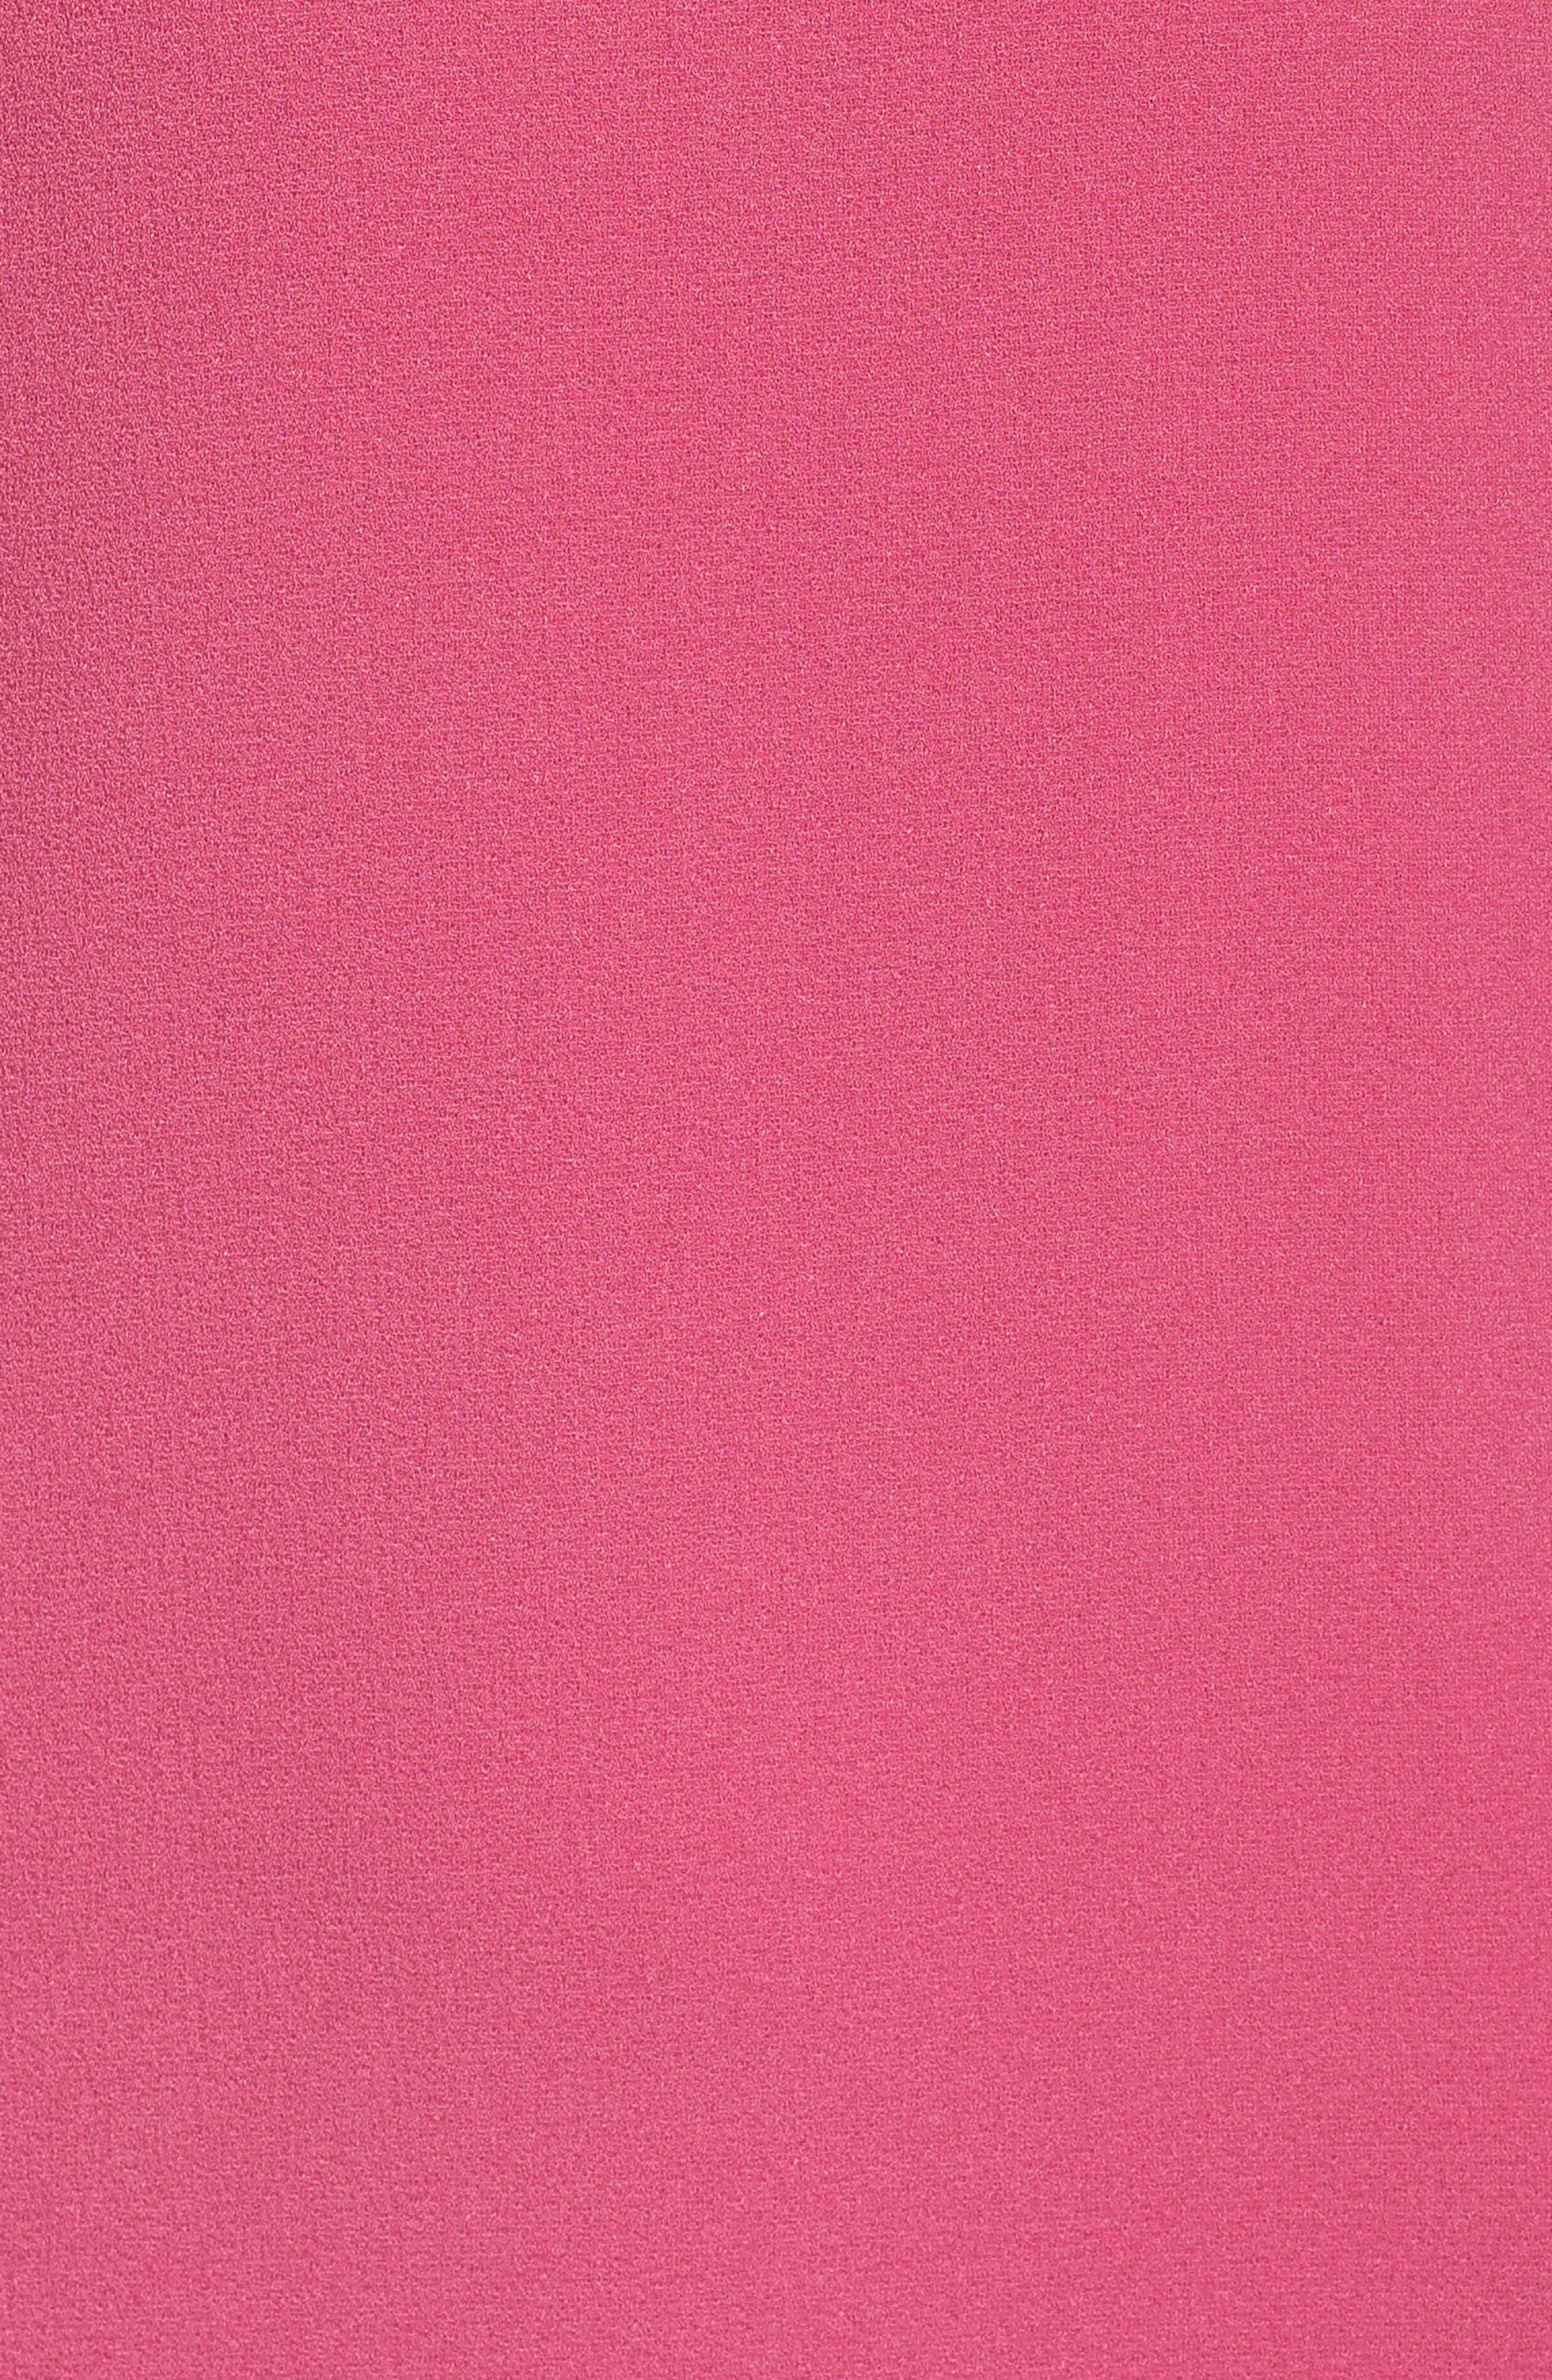 Ruffle Sleeve Shift Dress,                             Alternate thumbnail 5, color,                             660